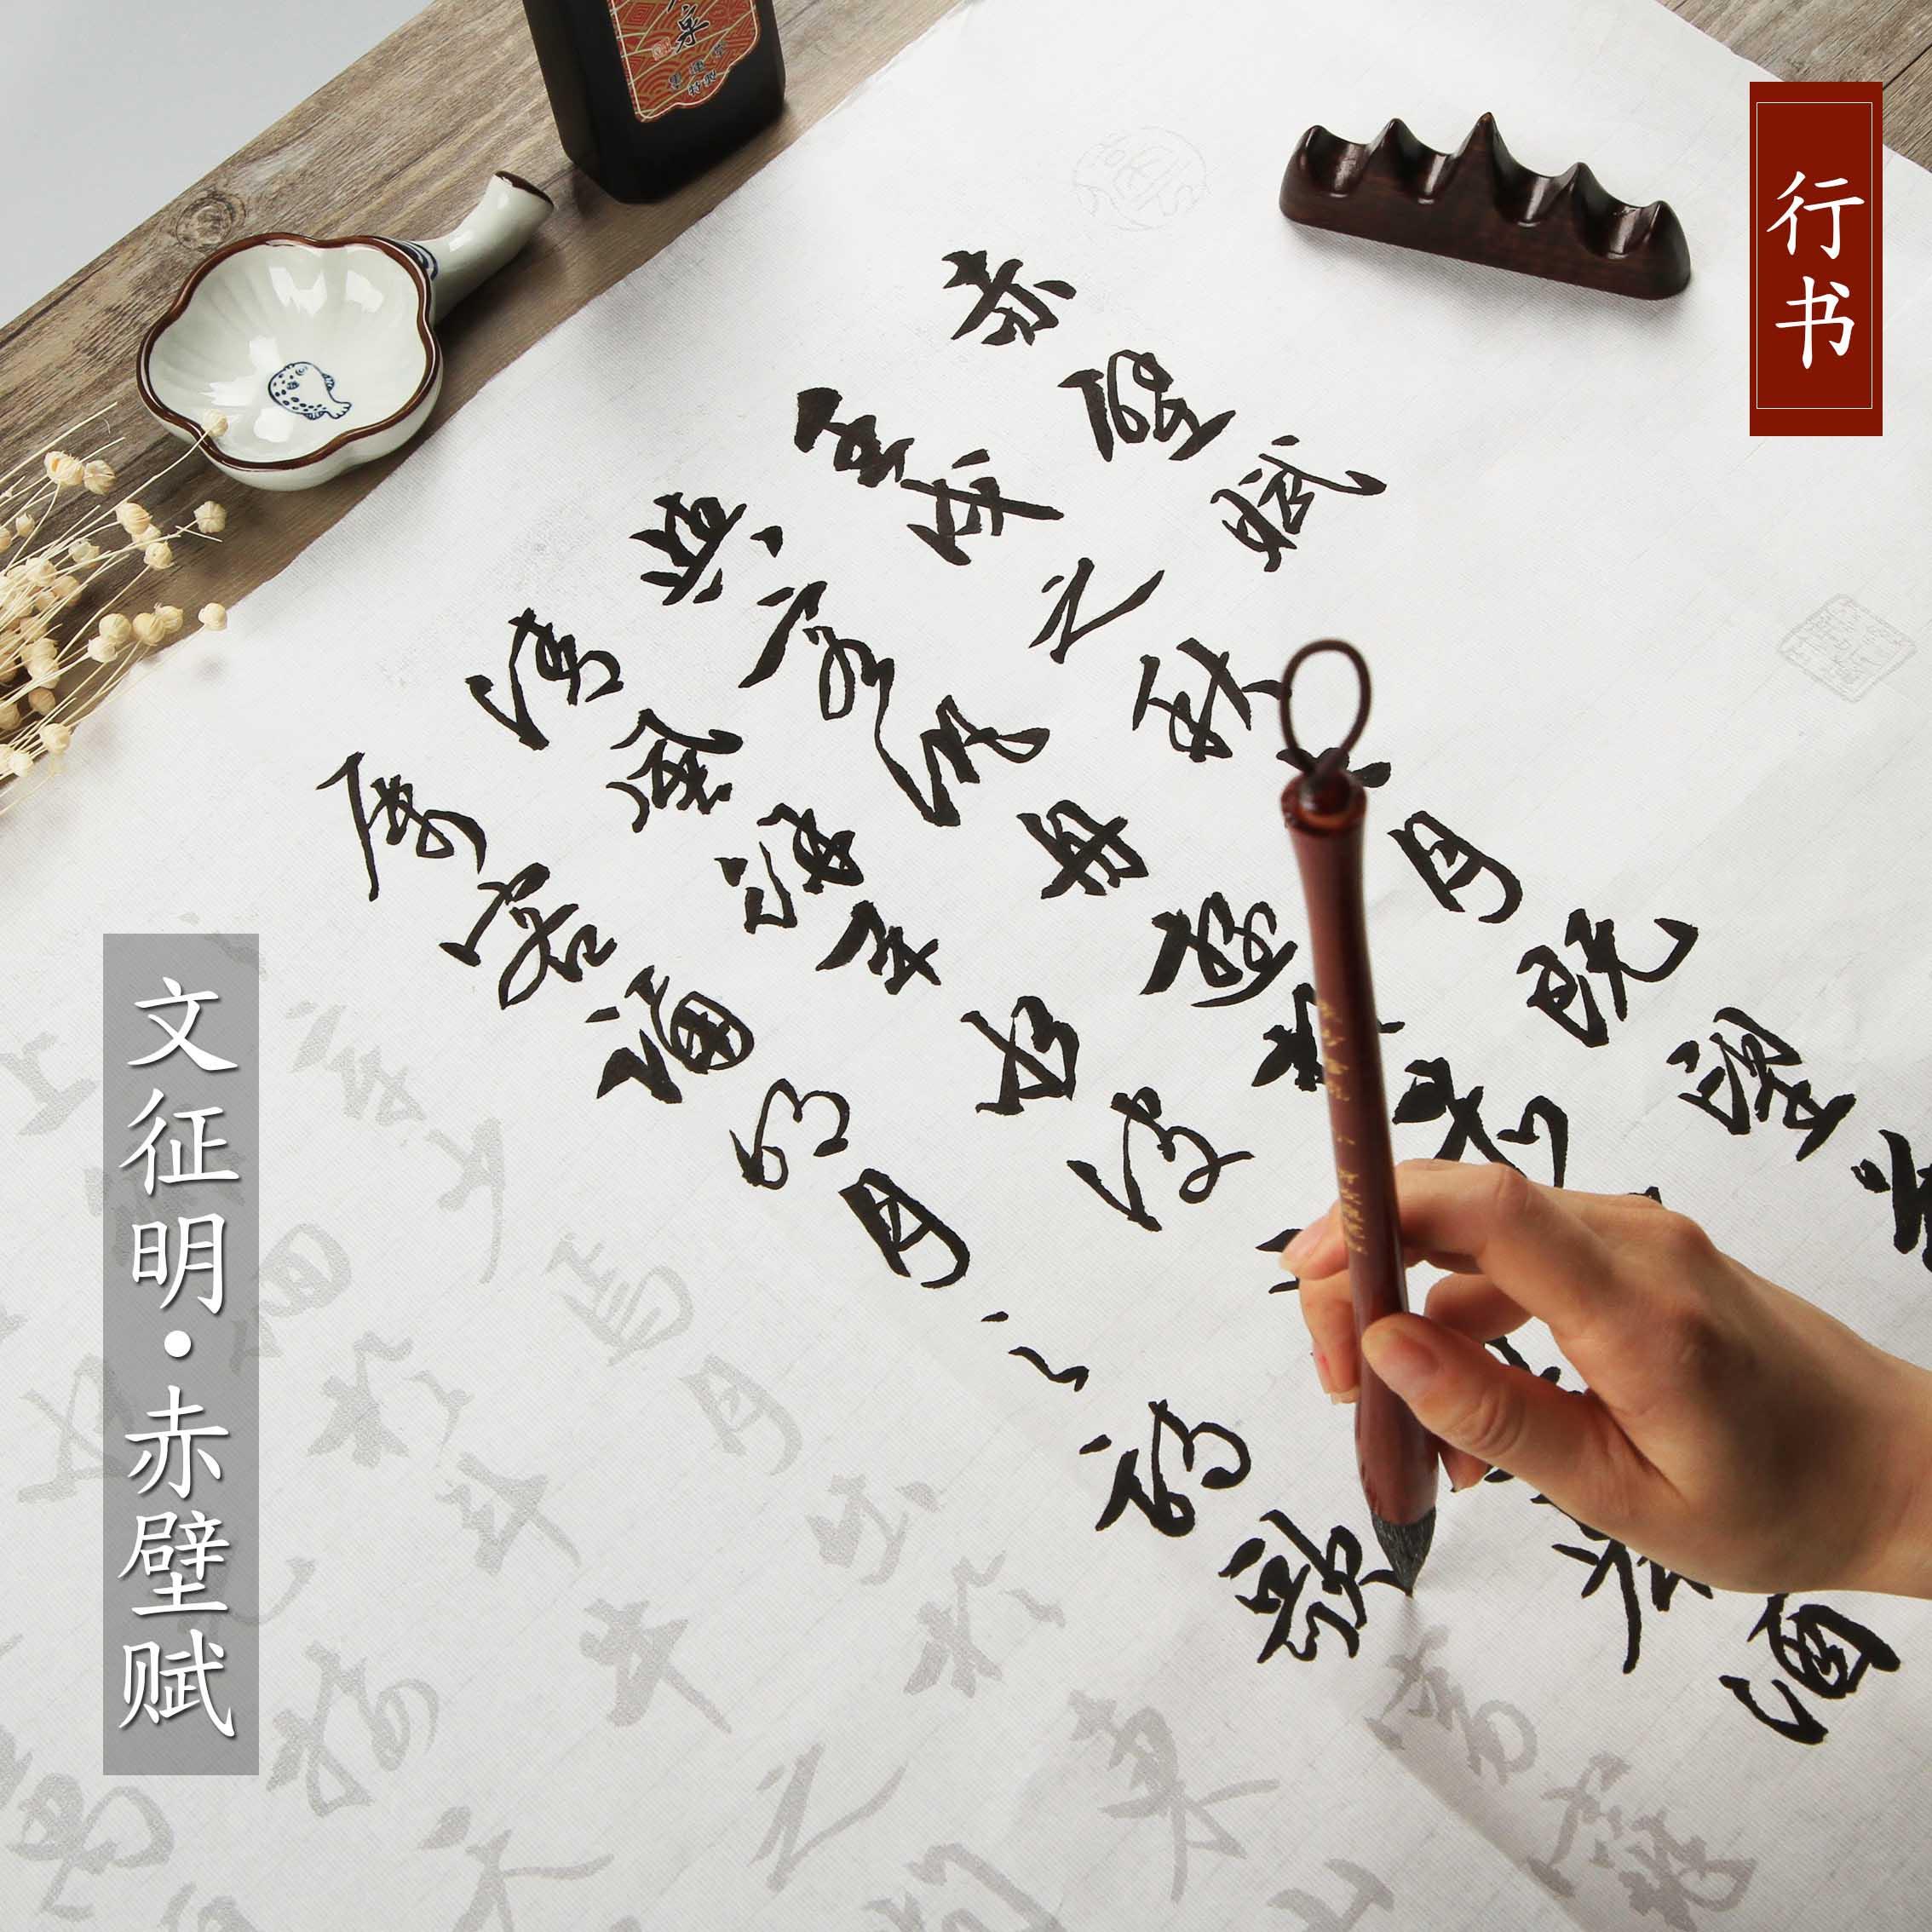 正版文征明(滕王阁序)行书描红临摹字帖手抄本毛笔字书法宣纸